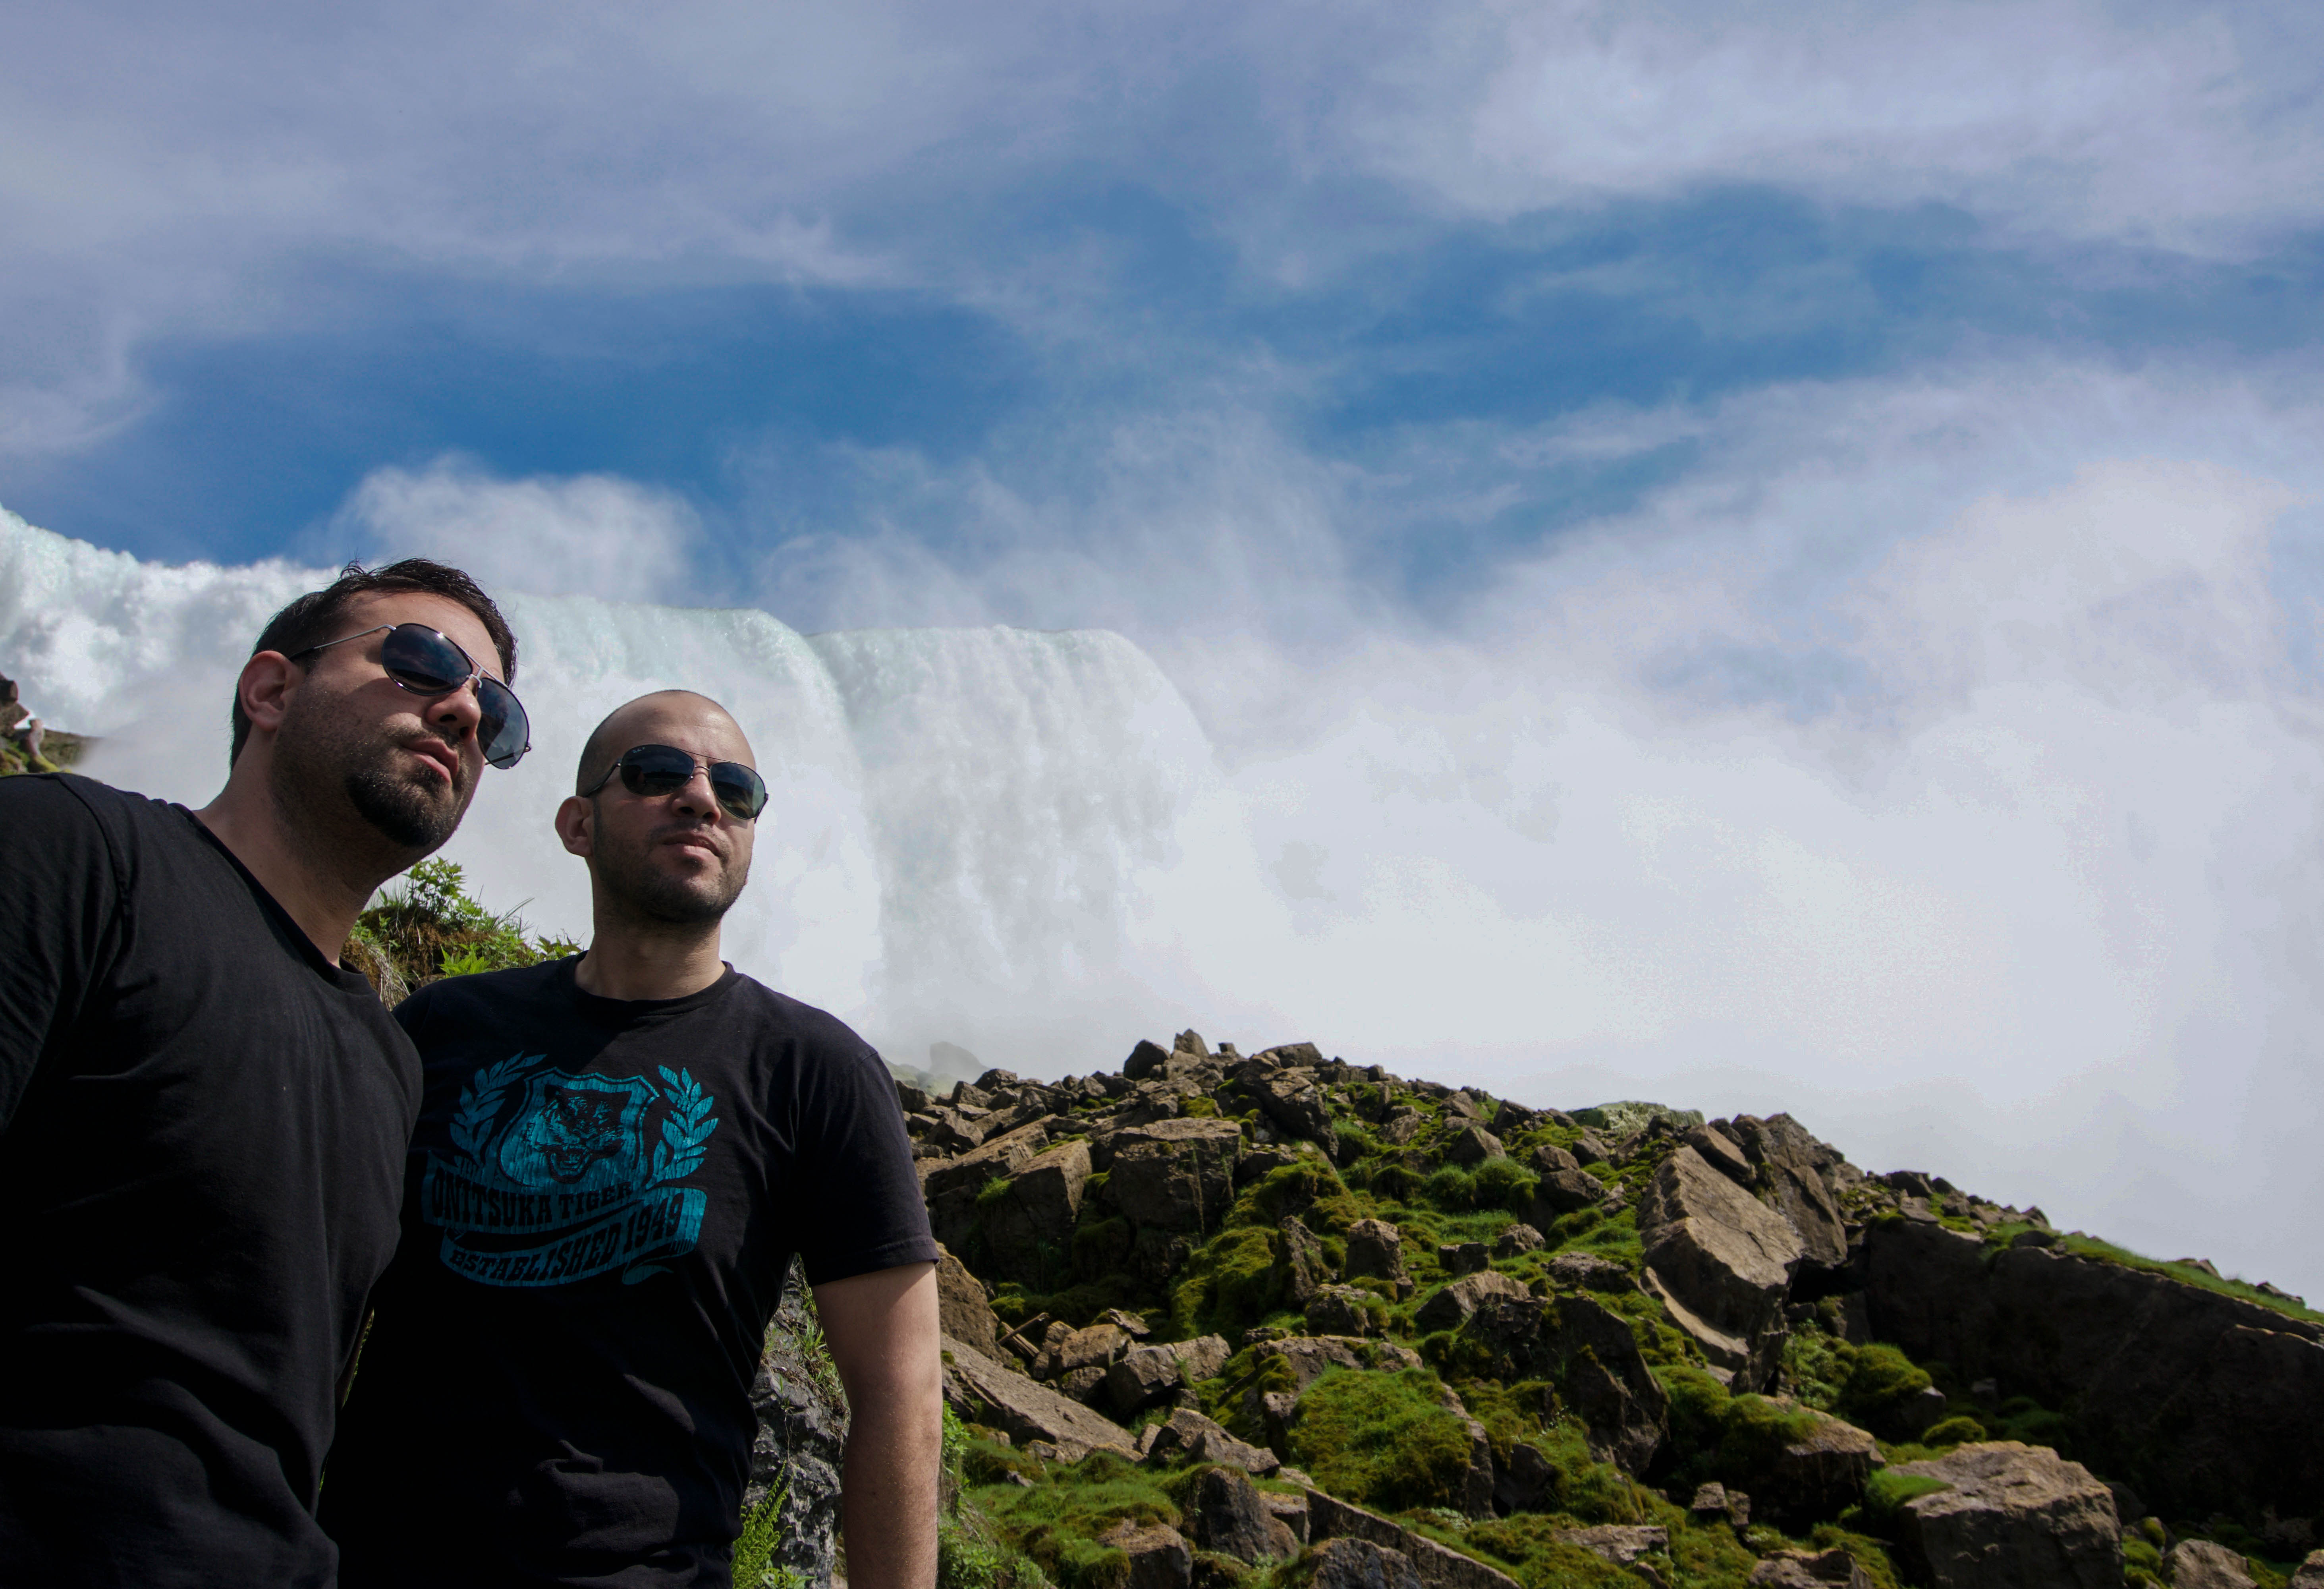 Niagara Falls models